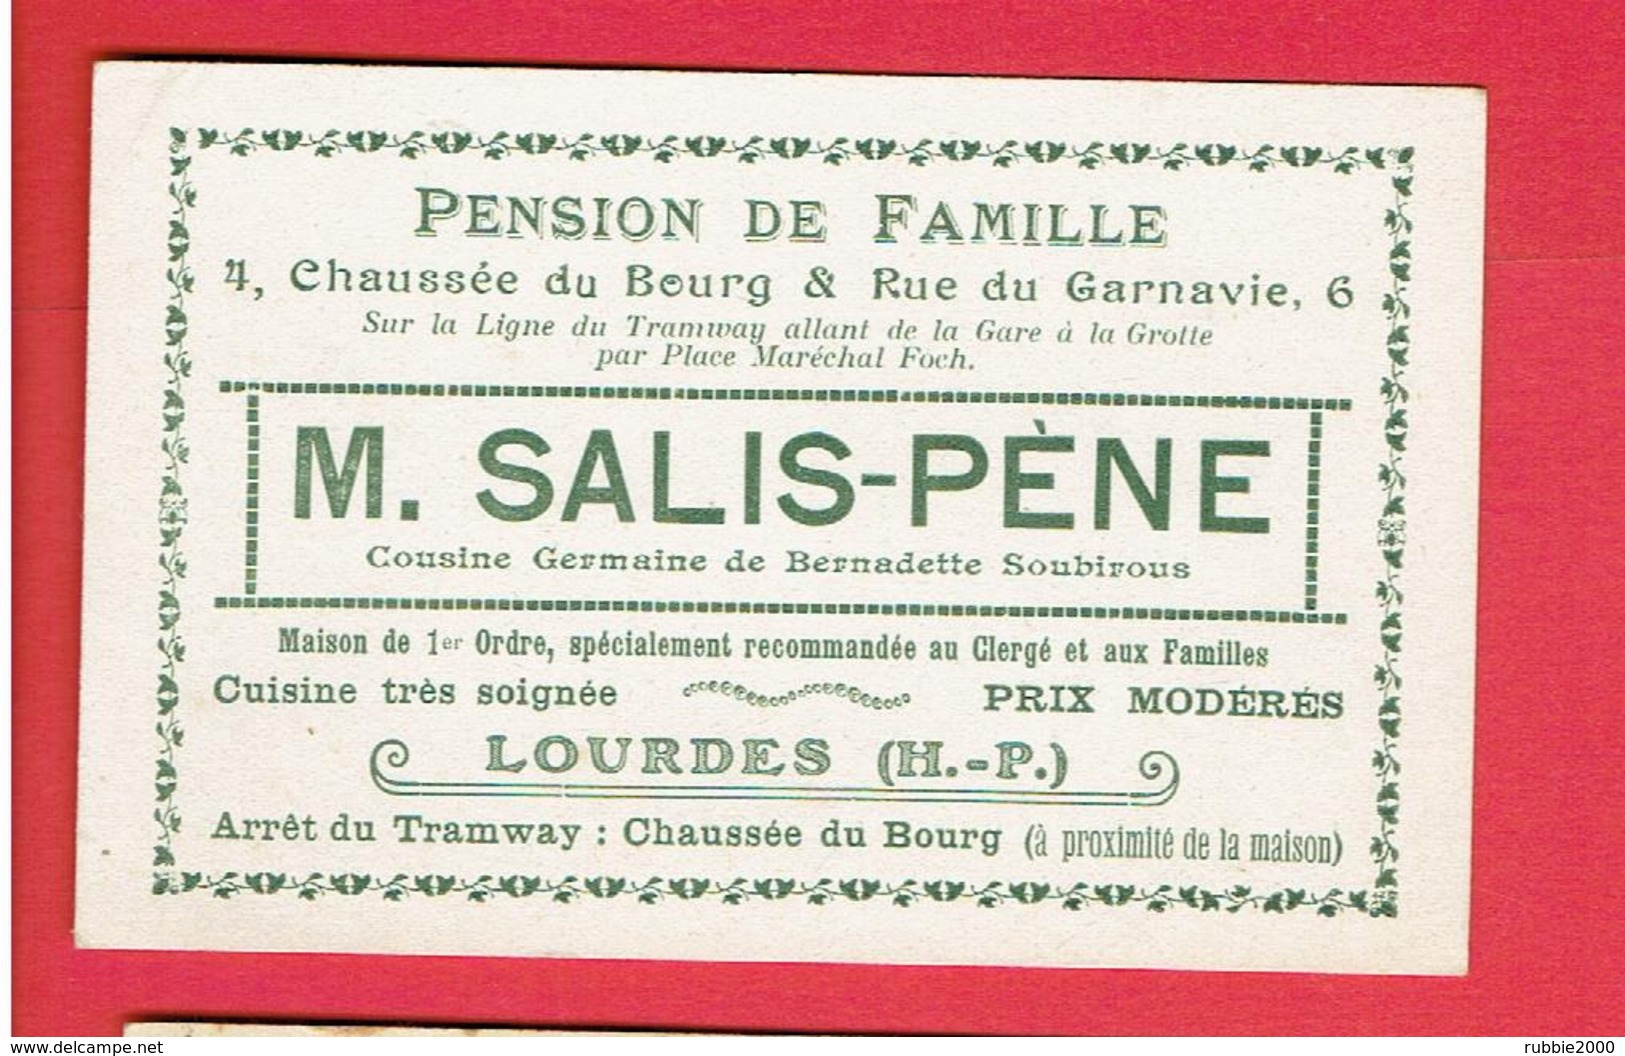 CARTE PUBLICITAIRE PENSION DE FAMILLE M. SALIS PENE 4 CHAUSSEE DU BOURG ET 6 RUE DE GAVARNIE A LOURDES - Cartes De Visite